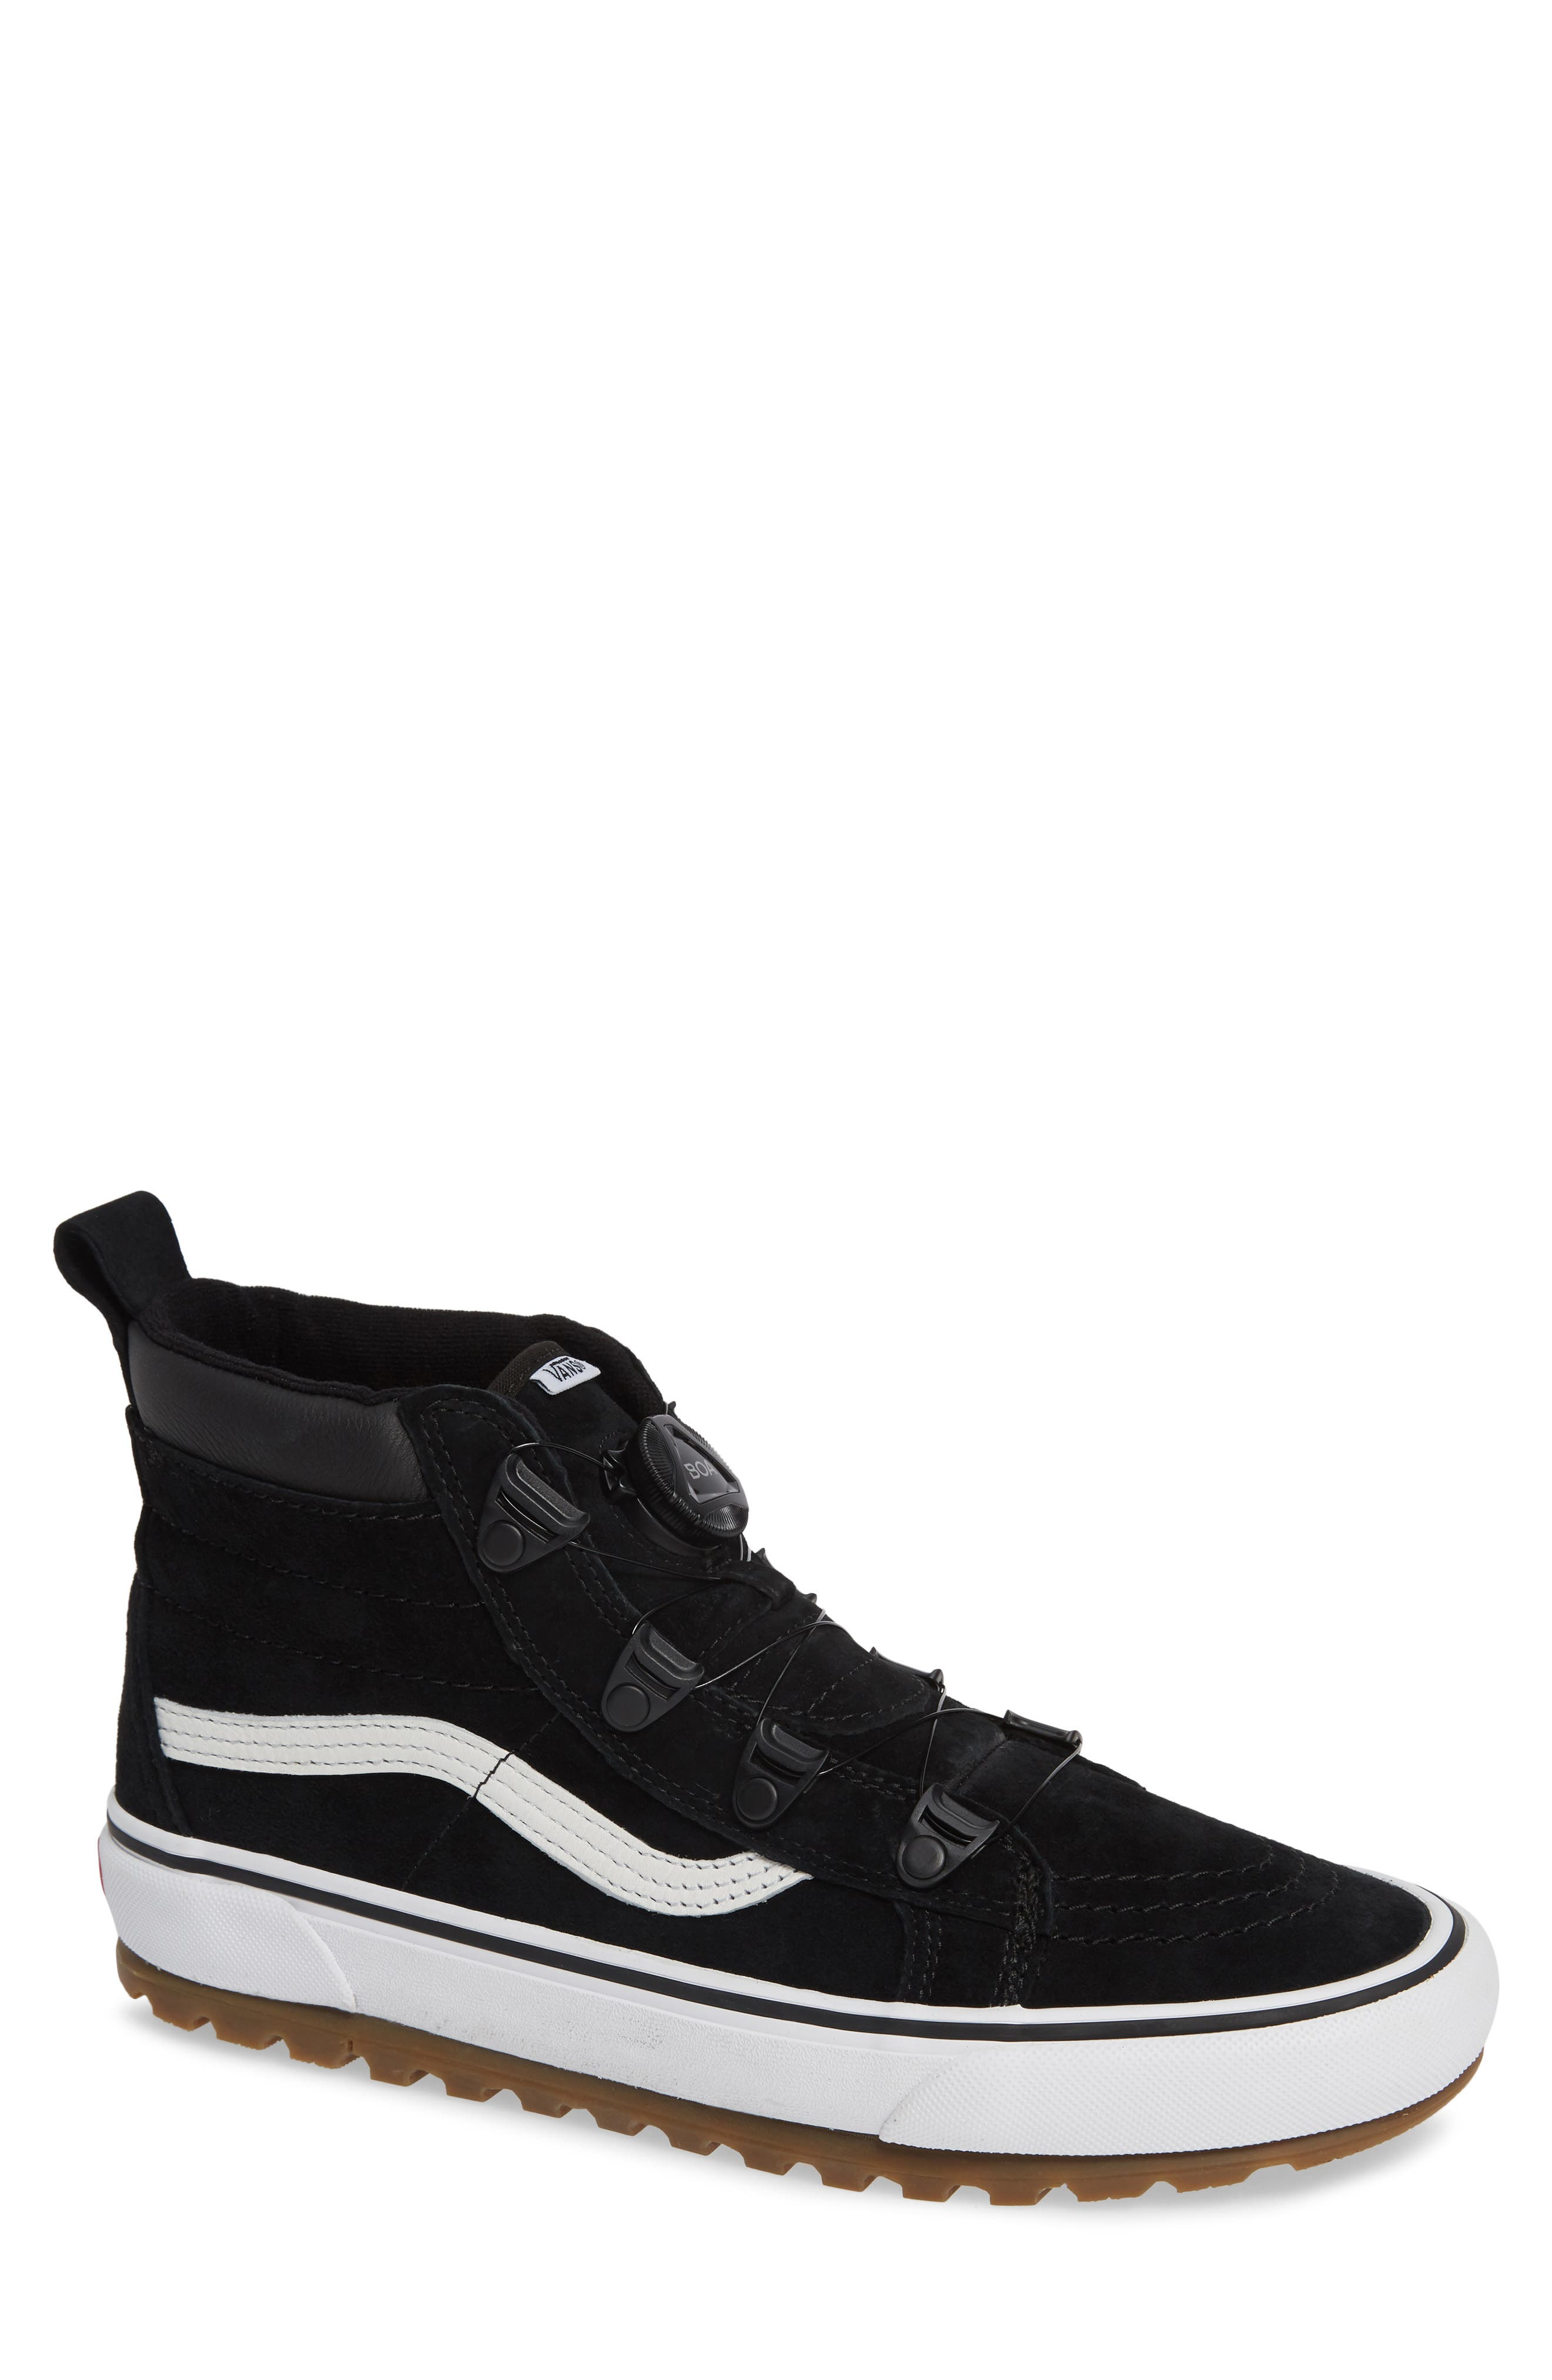 Sk8-Hi MTE Boa Sneaker, Main, color, 001